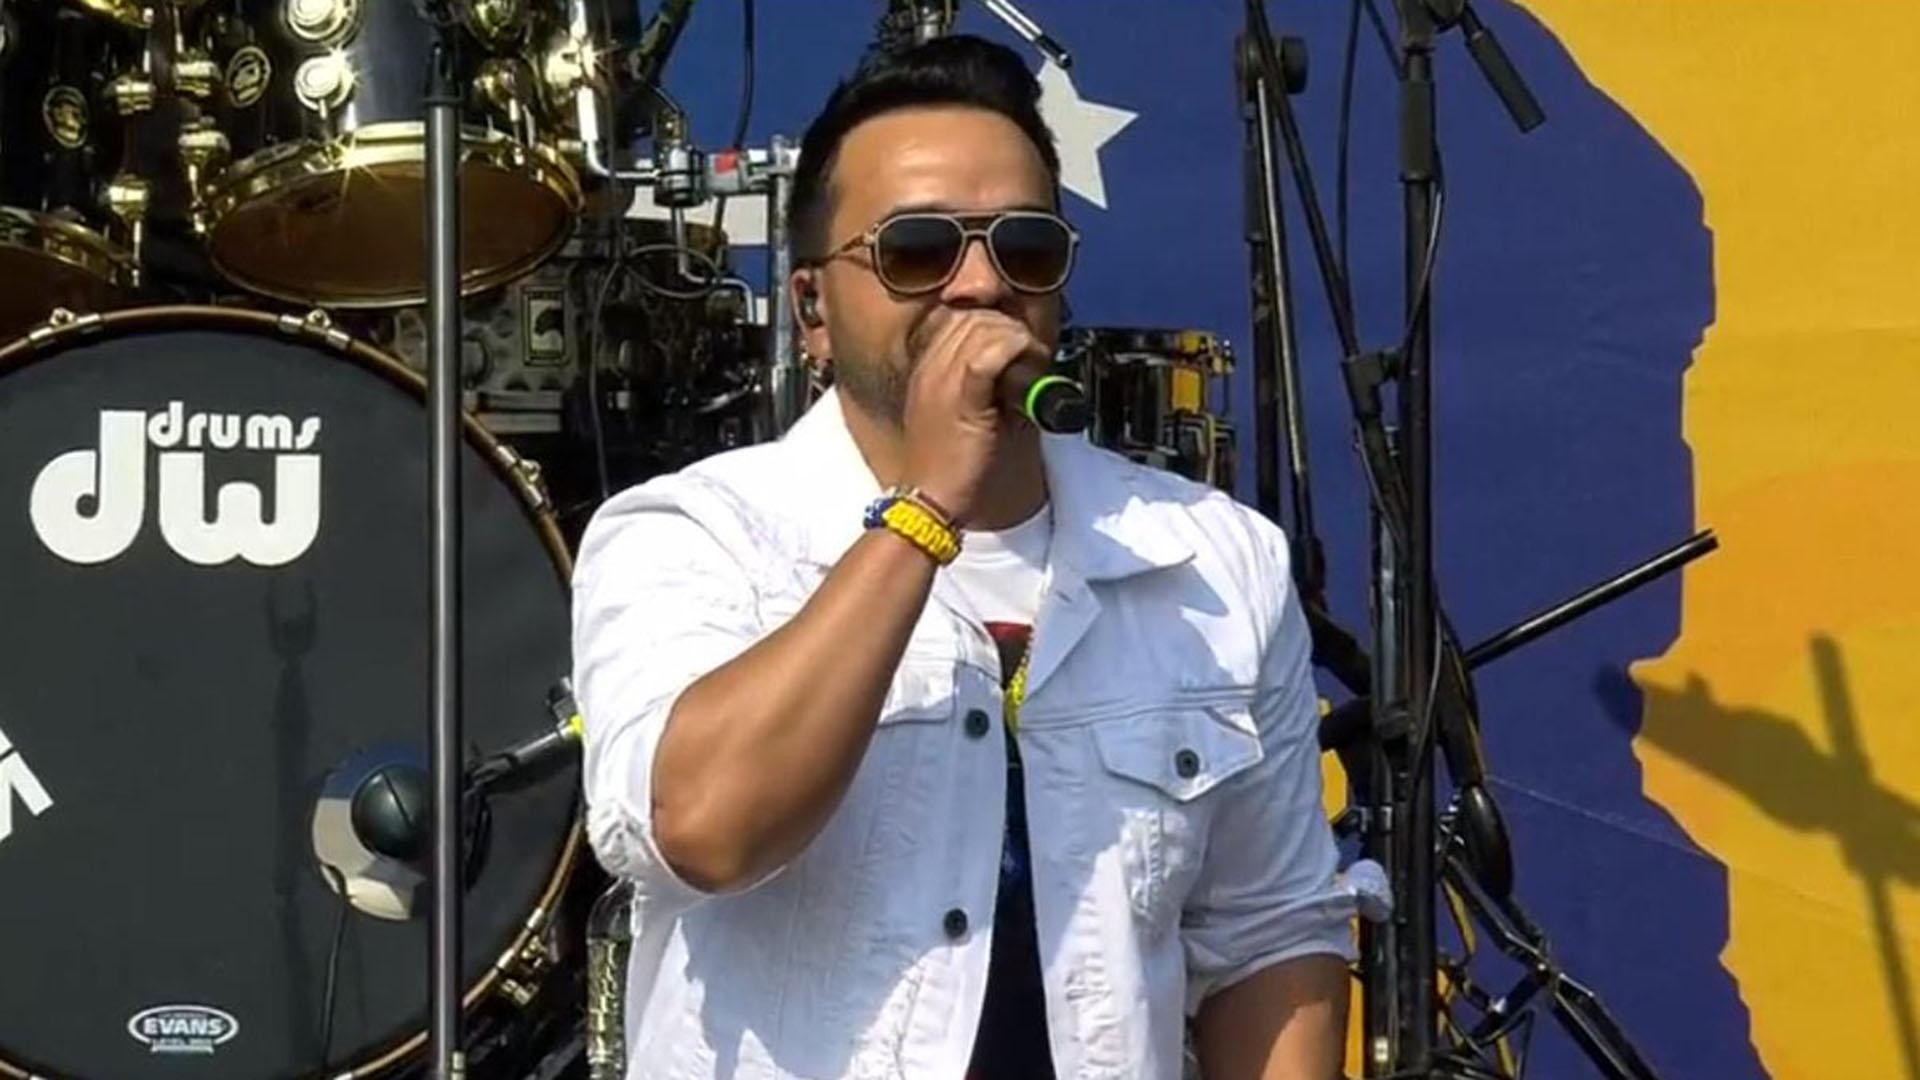 El cantante puertorriqueño Luis Fonsi